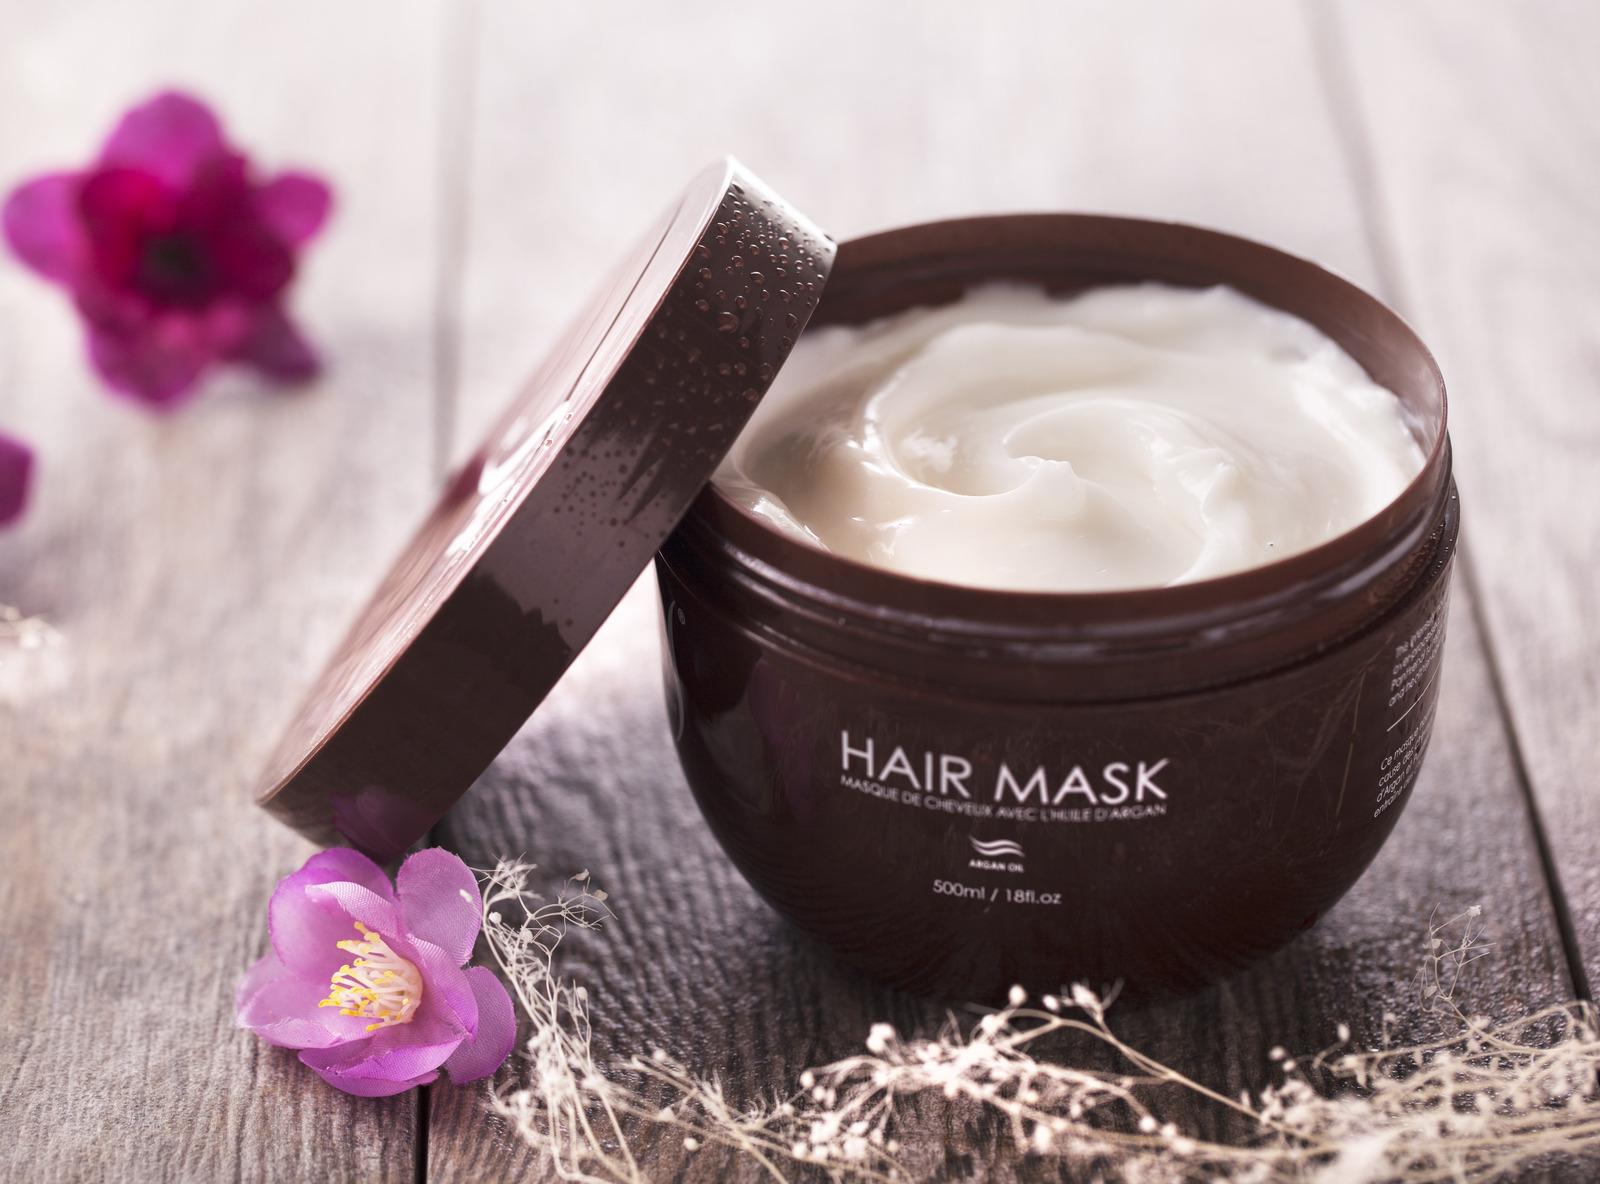 Herstyler Argan Oil Hair Mask | Hair Mask For Damaged Hair | 500 ml. / 18 fl.oz.